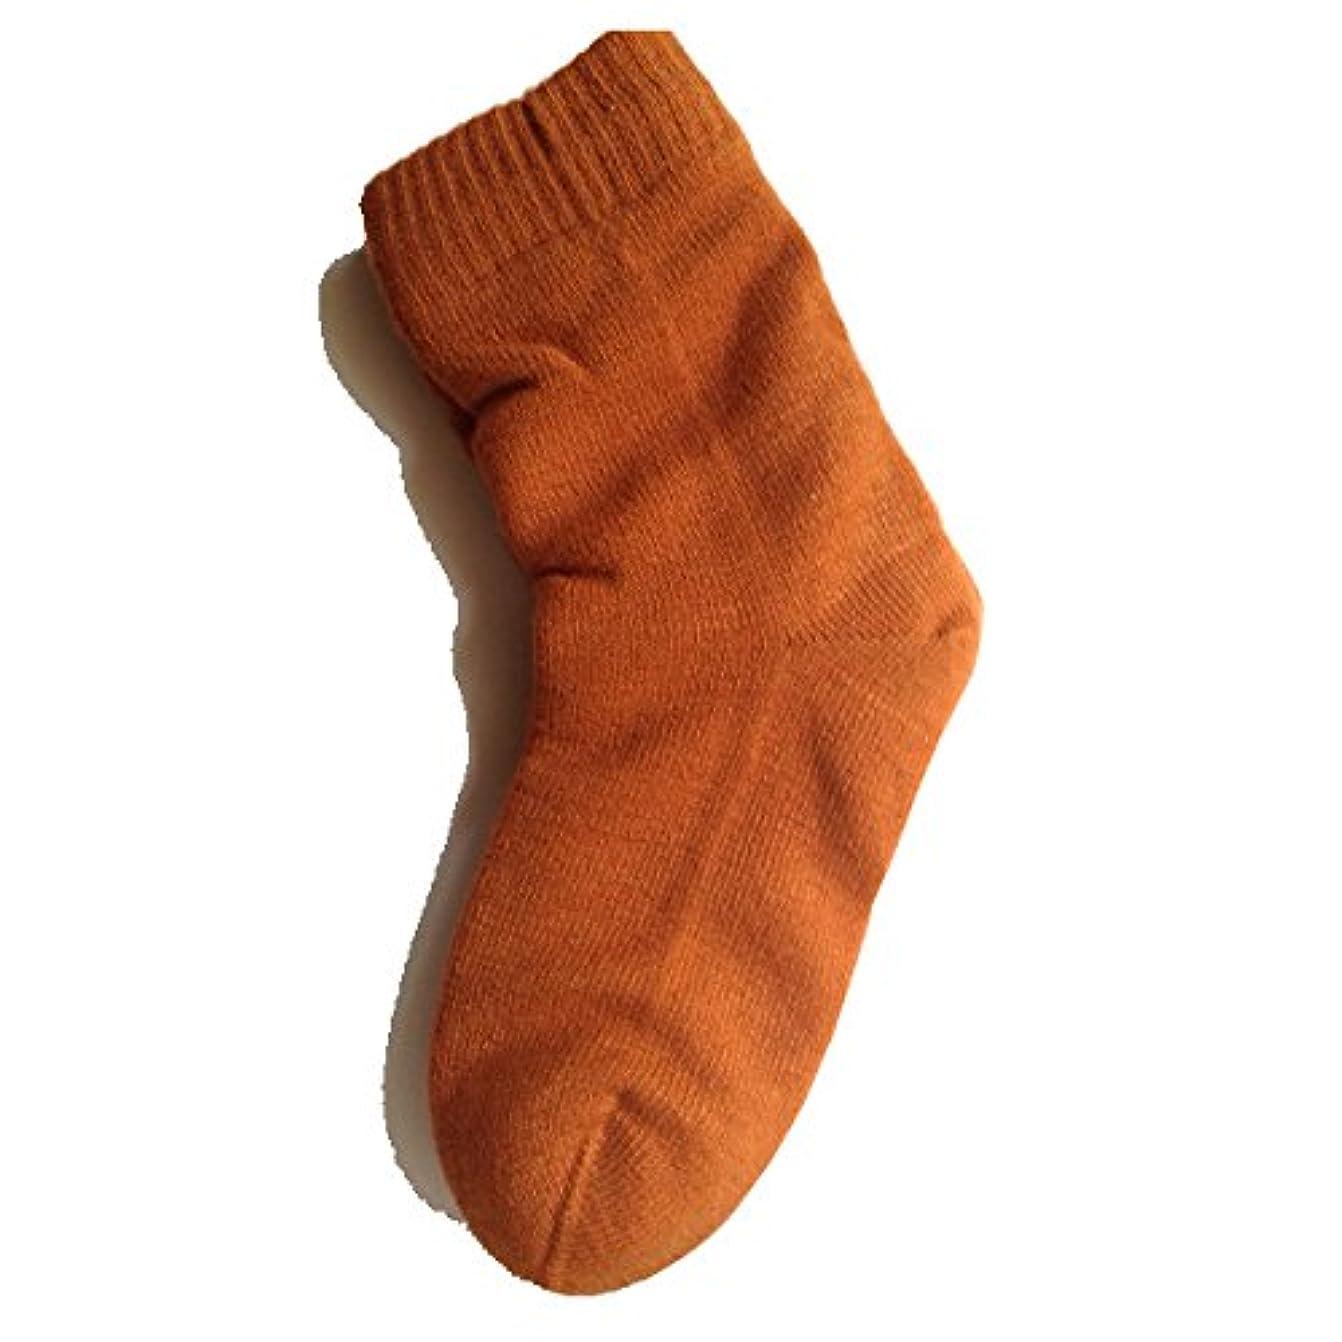 シャツリム最小女性用 カサカサかかと解消靴下 ラブヒール パーシアンレッド 【遠赤外線パワー&温熱?保湿効果】